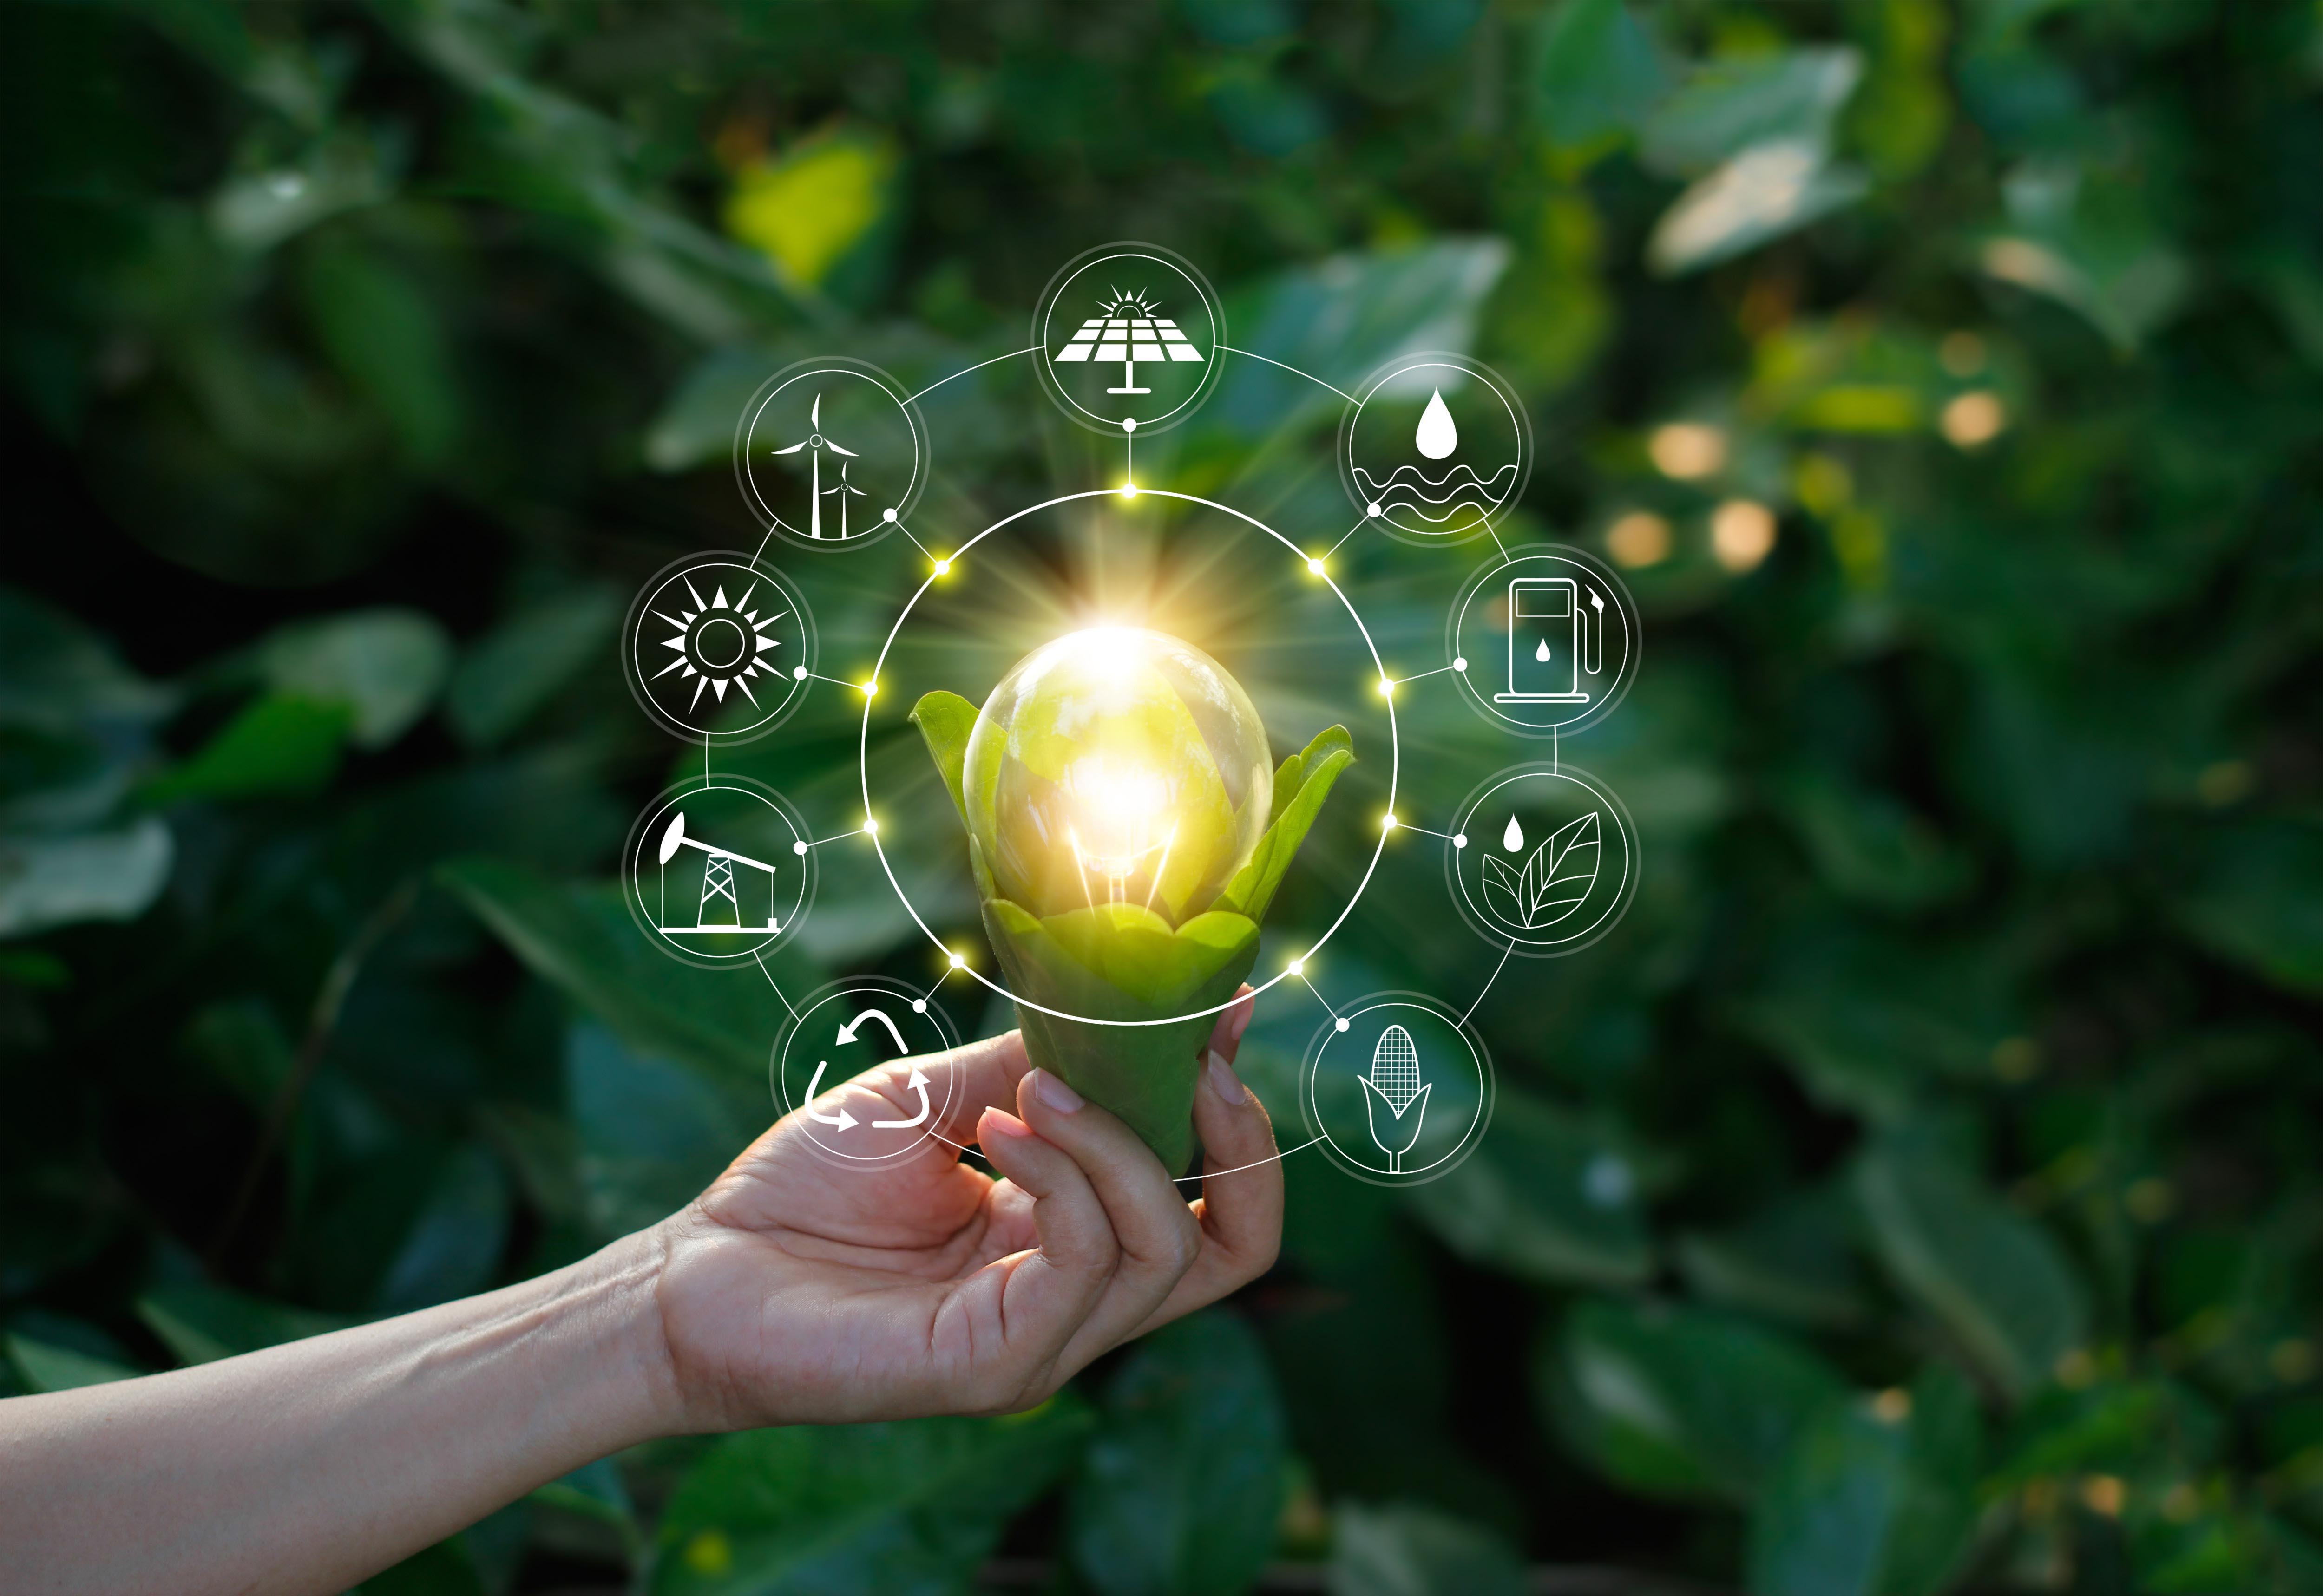 fundo de plantas, mão segurando lâmpada como se fosse uma flor desabrochando, ícones de meios sustentáveis em holografia ao redor